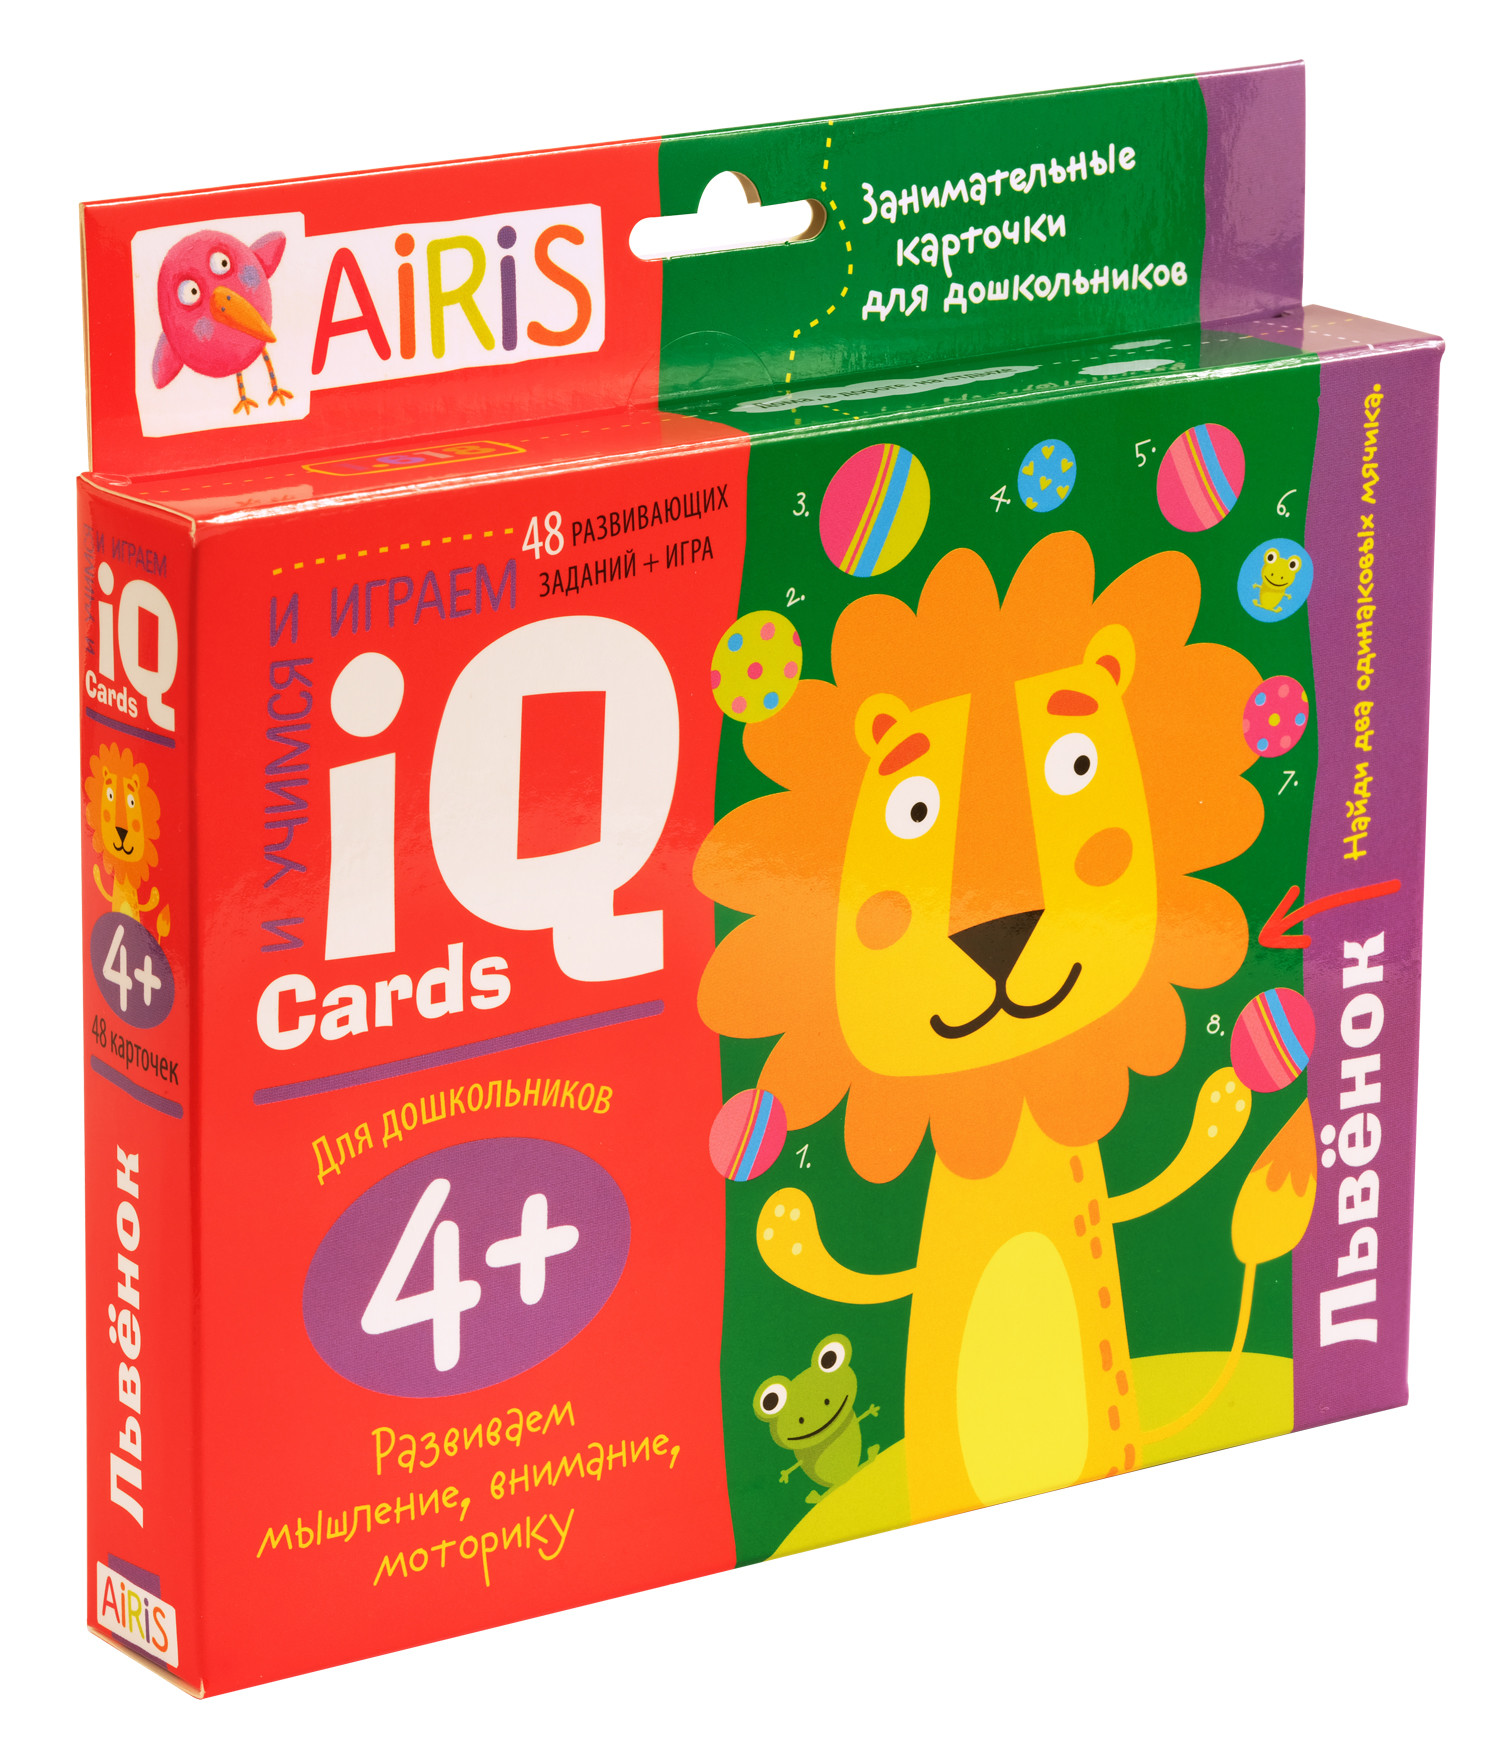 Набор Занимательных карточек для Дошколят, львёнок (4+)